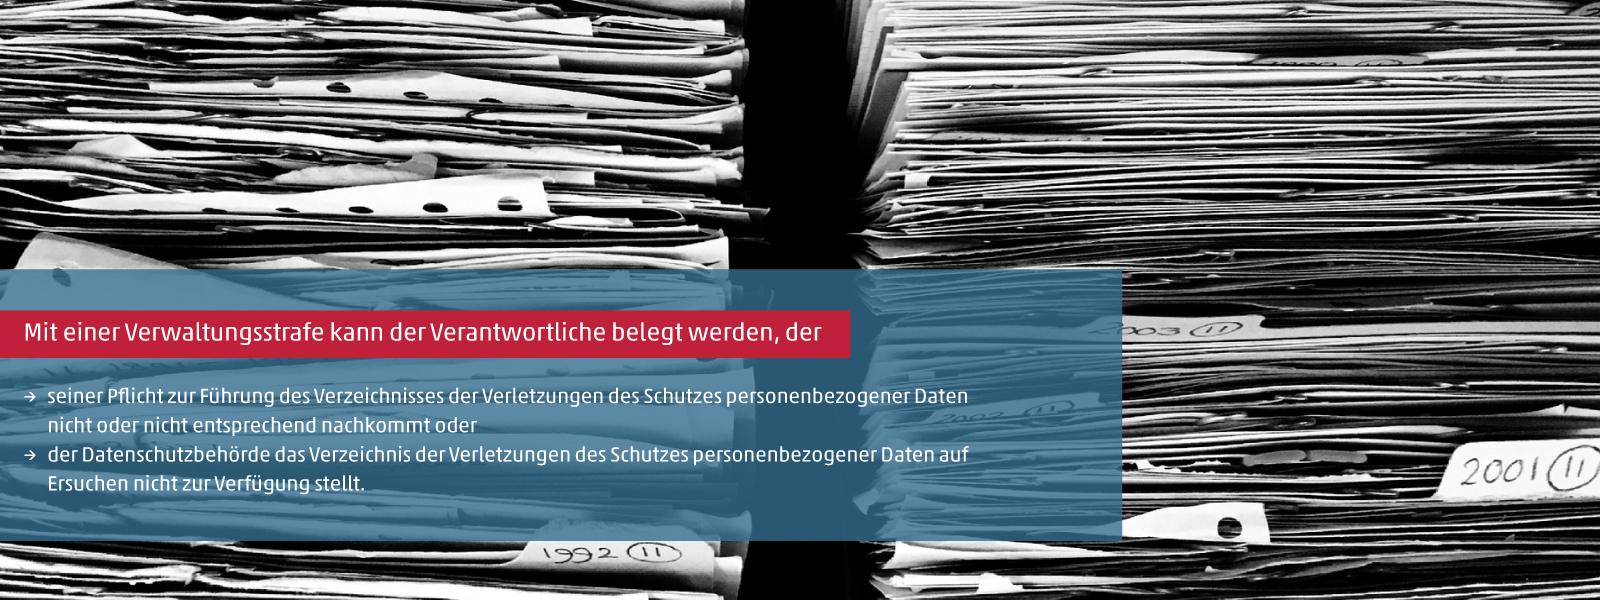 Verzeichnis der Verletzungen des Schutzes personenbezogener Daten